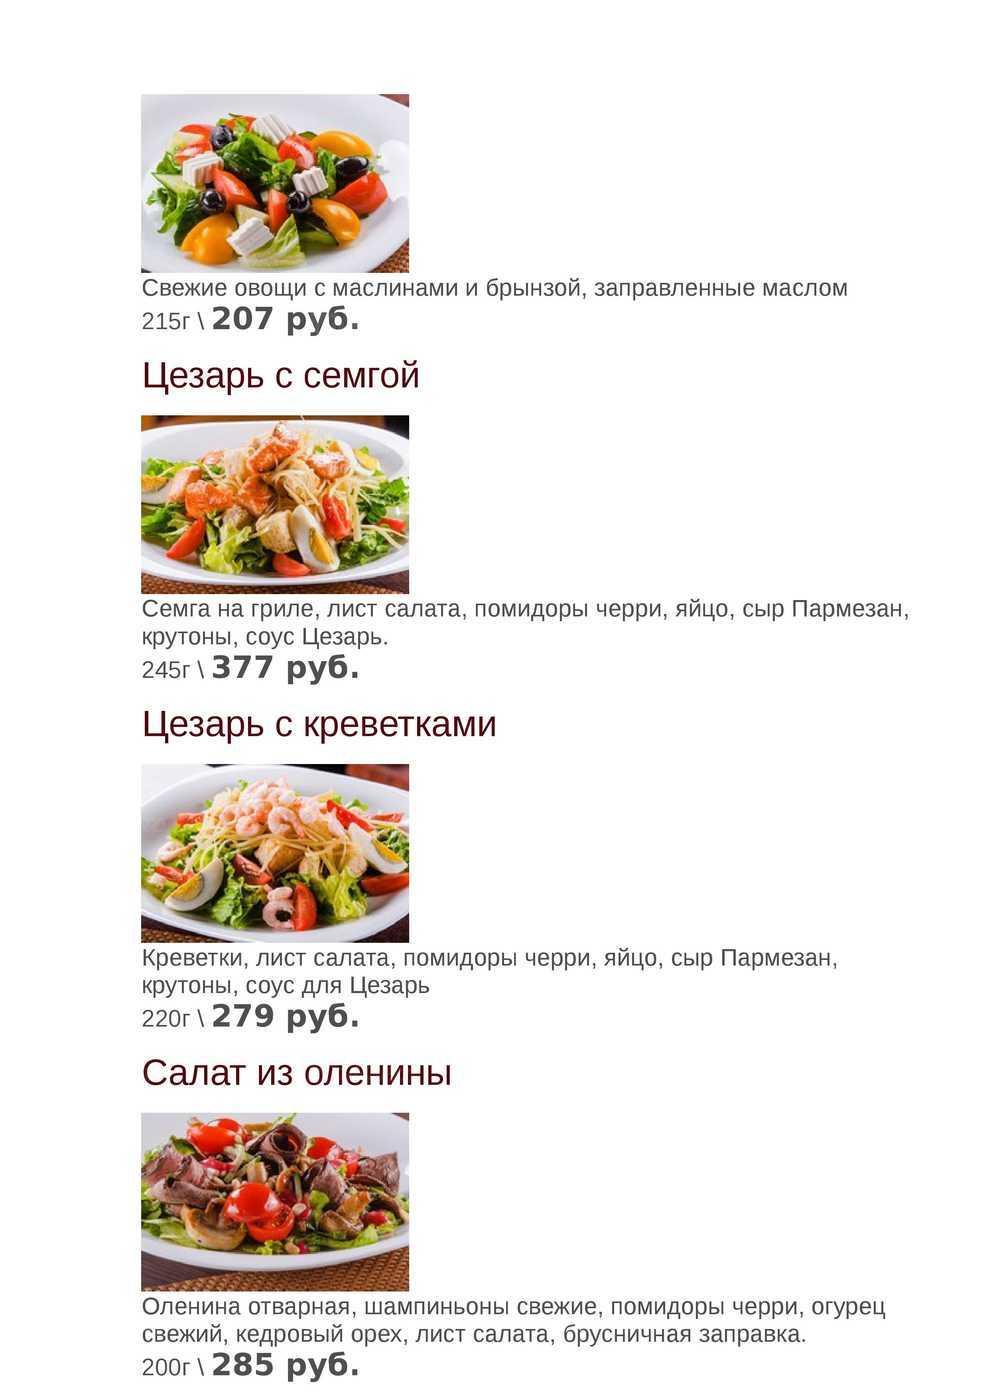 Меню кафе Ермак на проспекте имени газеты Красноярский Рабочий фото 7